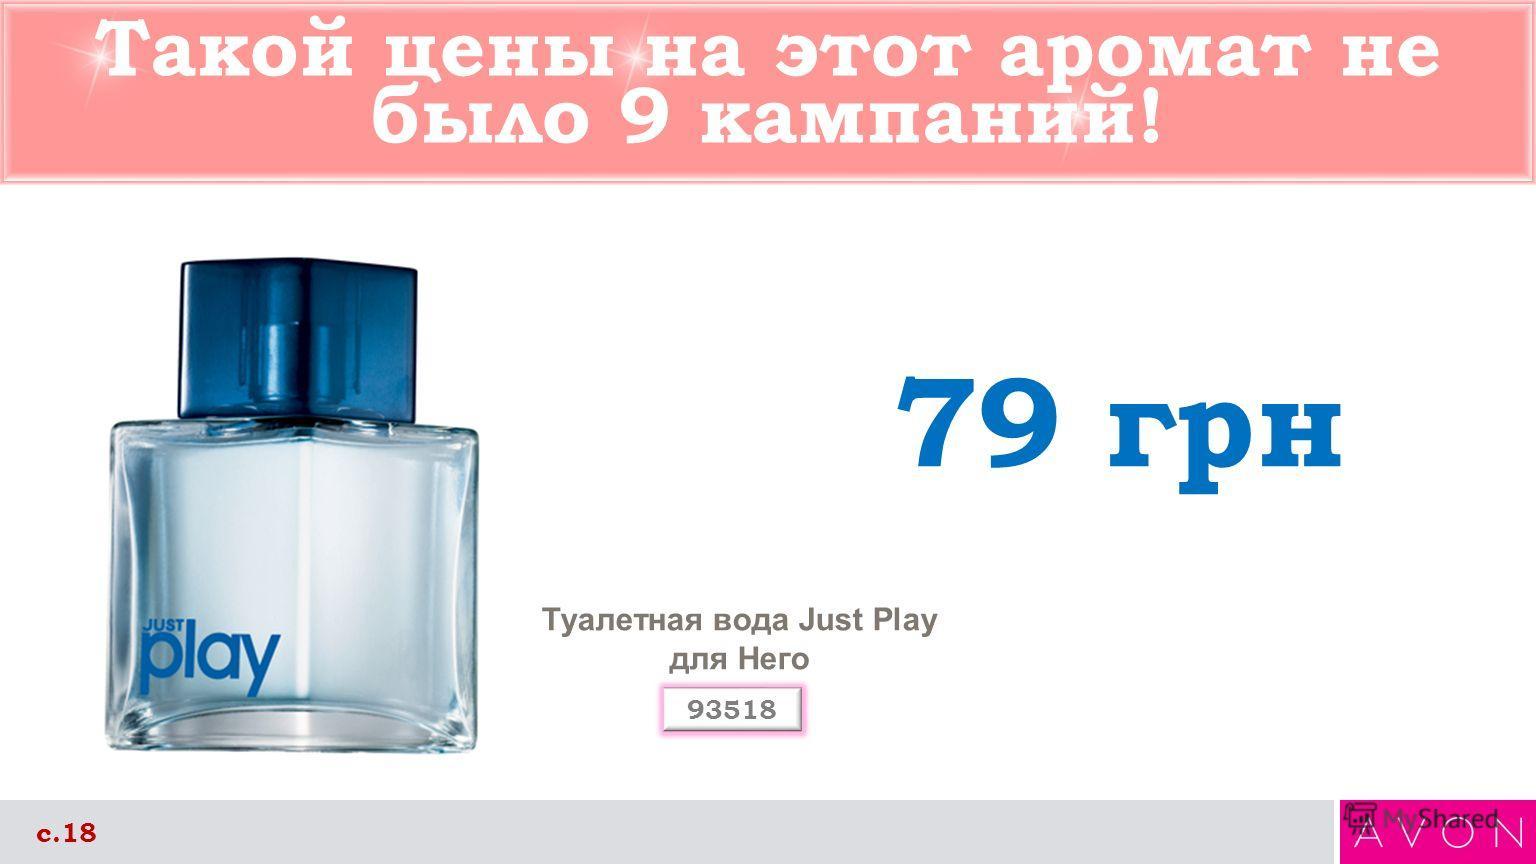 Такой цены на этот аромат не было 9 кампаний! Туалетная вода Just Play для Него с.18 79 грн 93518